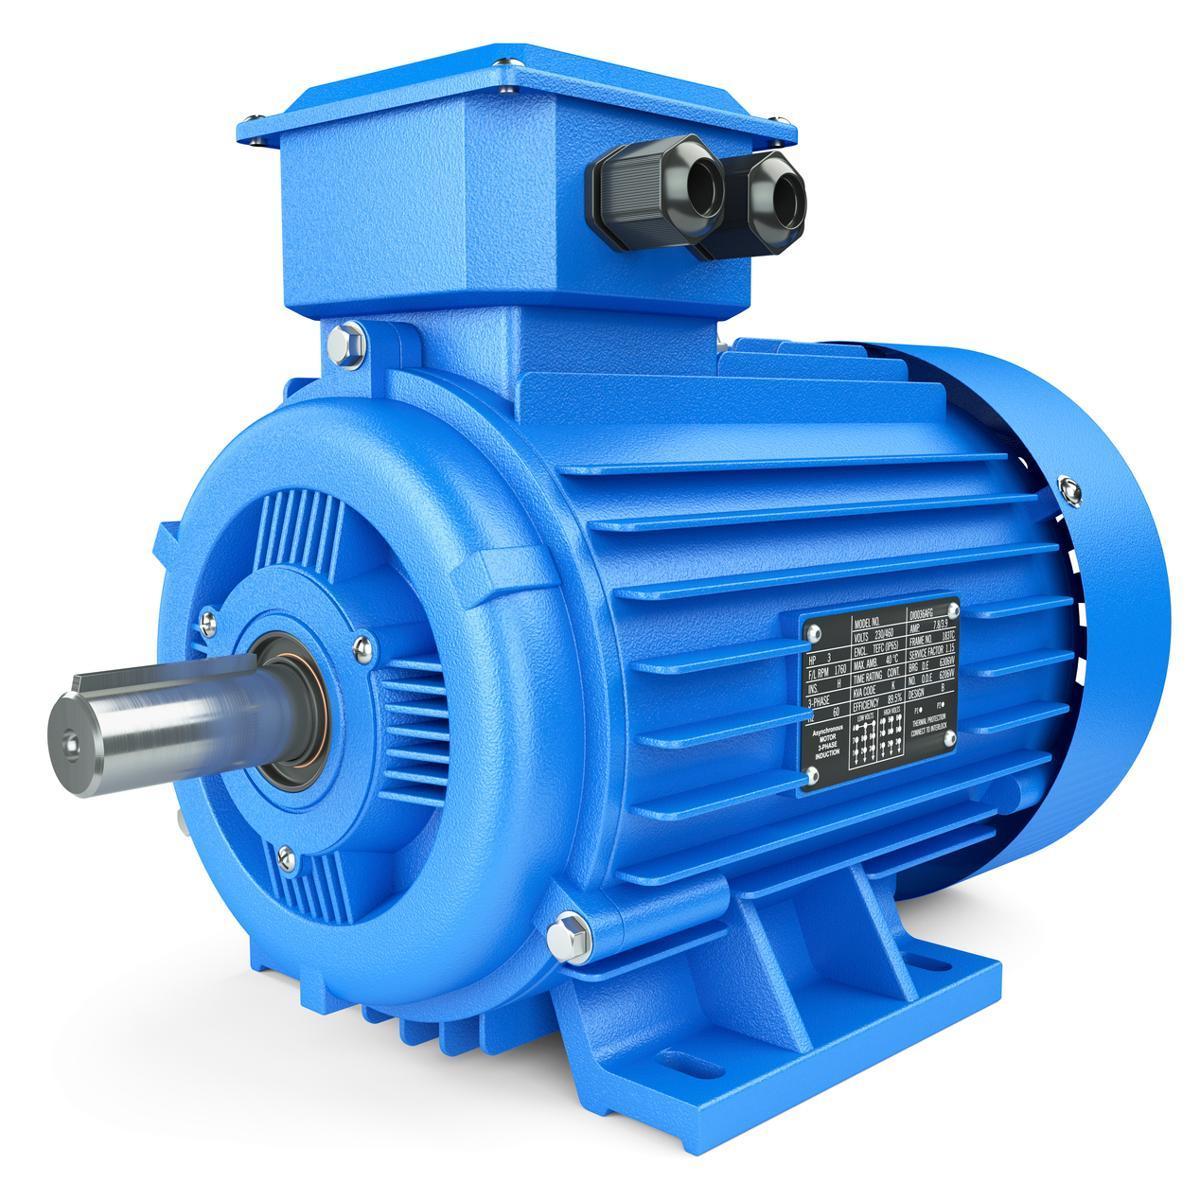 Read more about the article Моделирование перенапряжений в системе электроснабжения с электродвигательной нагрузкой